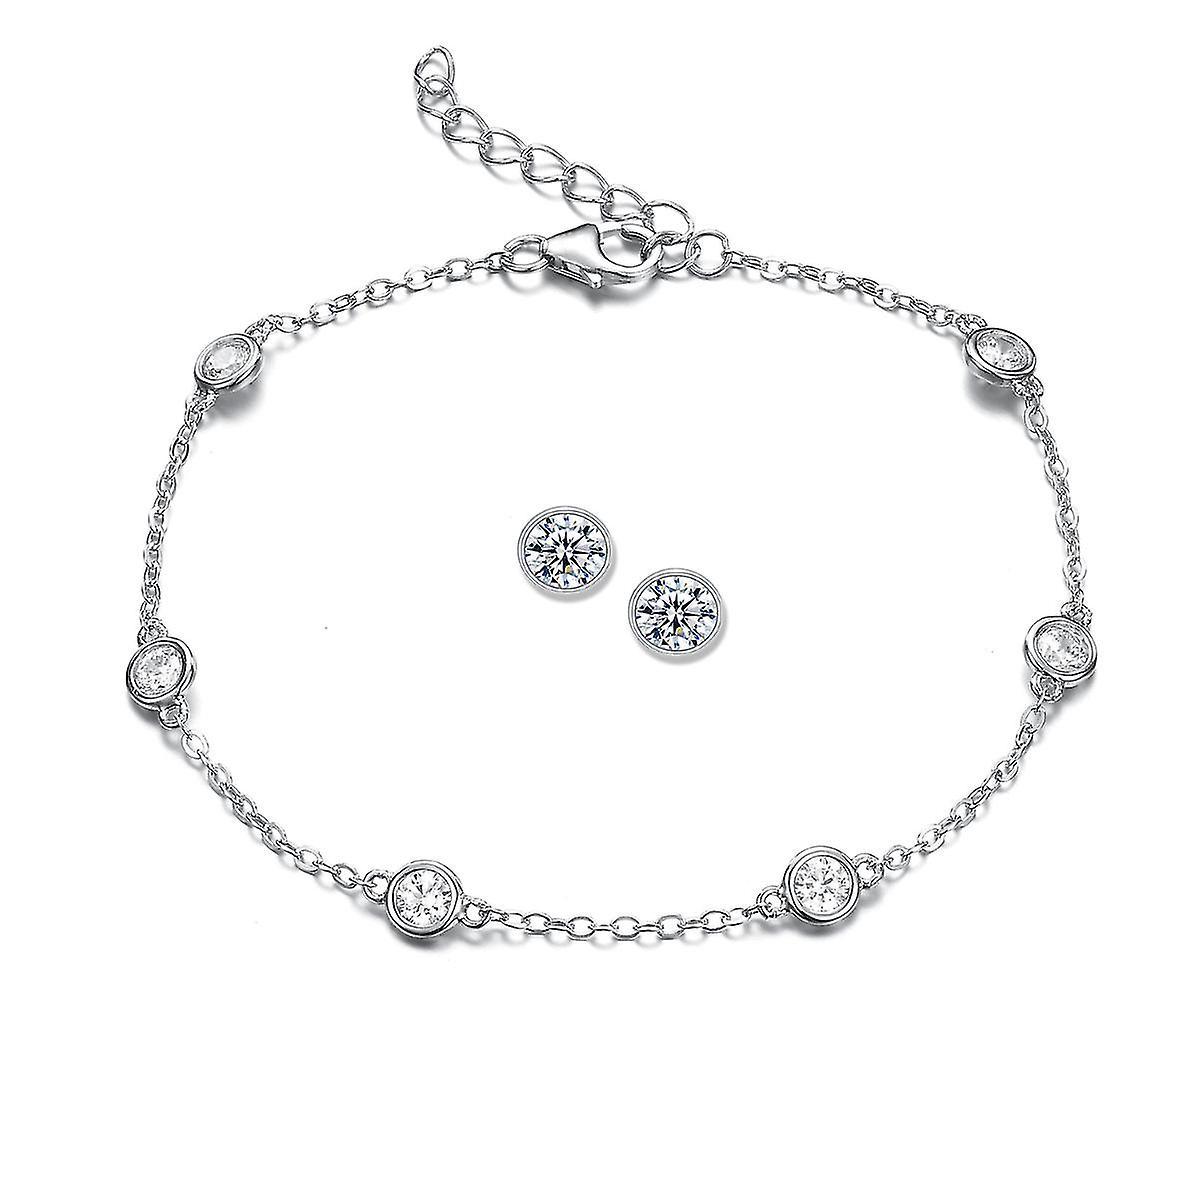 925 Sterling Silver Droplet Set With Bezel Stud Earrings